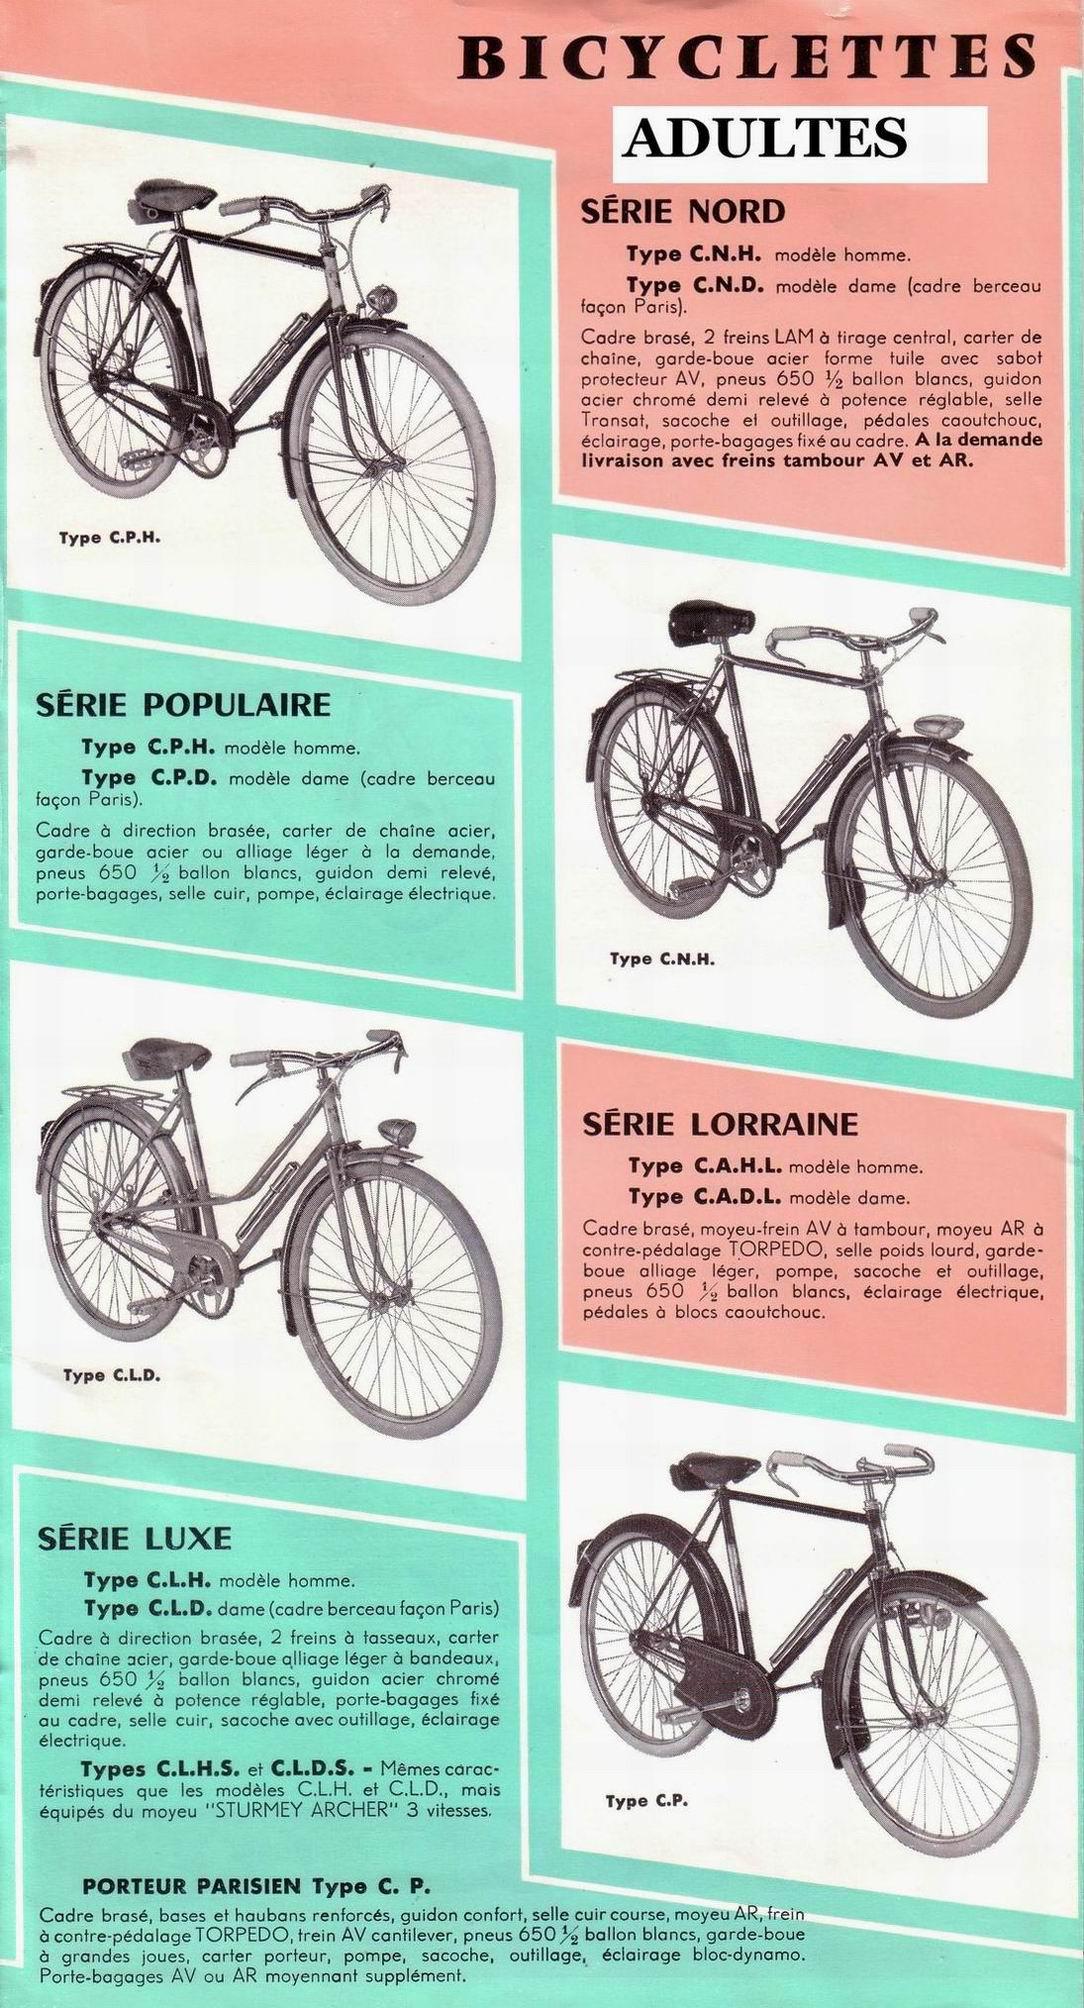 Motobécane Pantin 1958  File